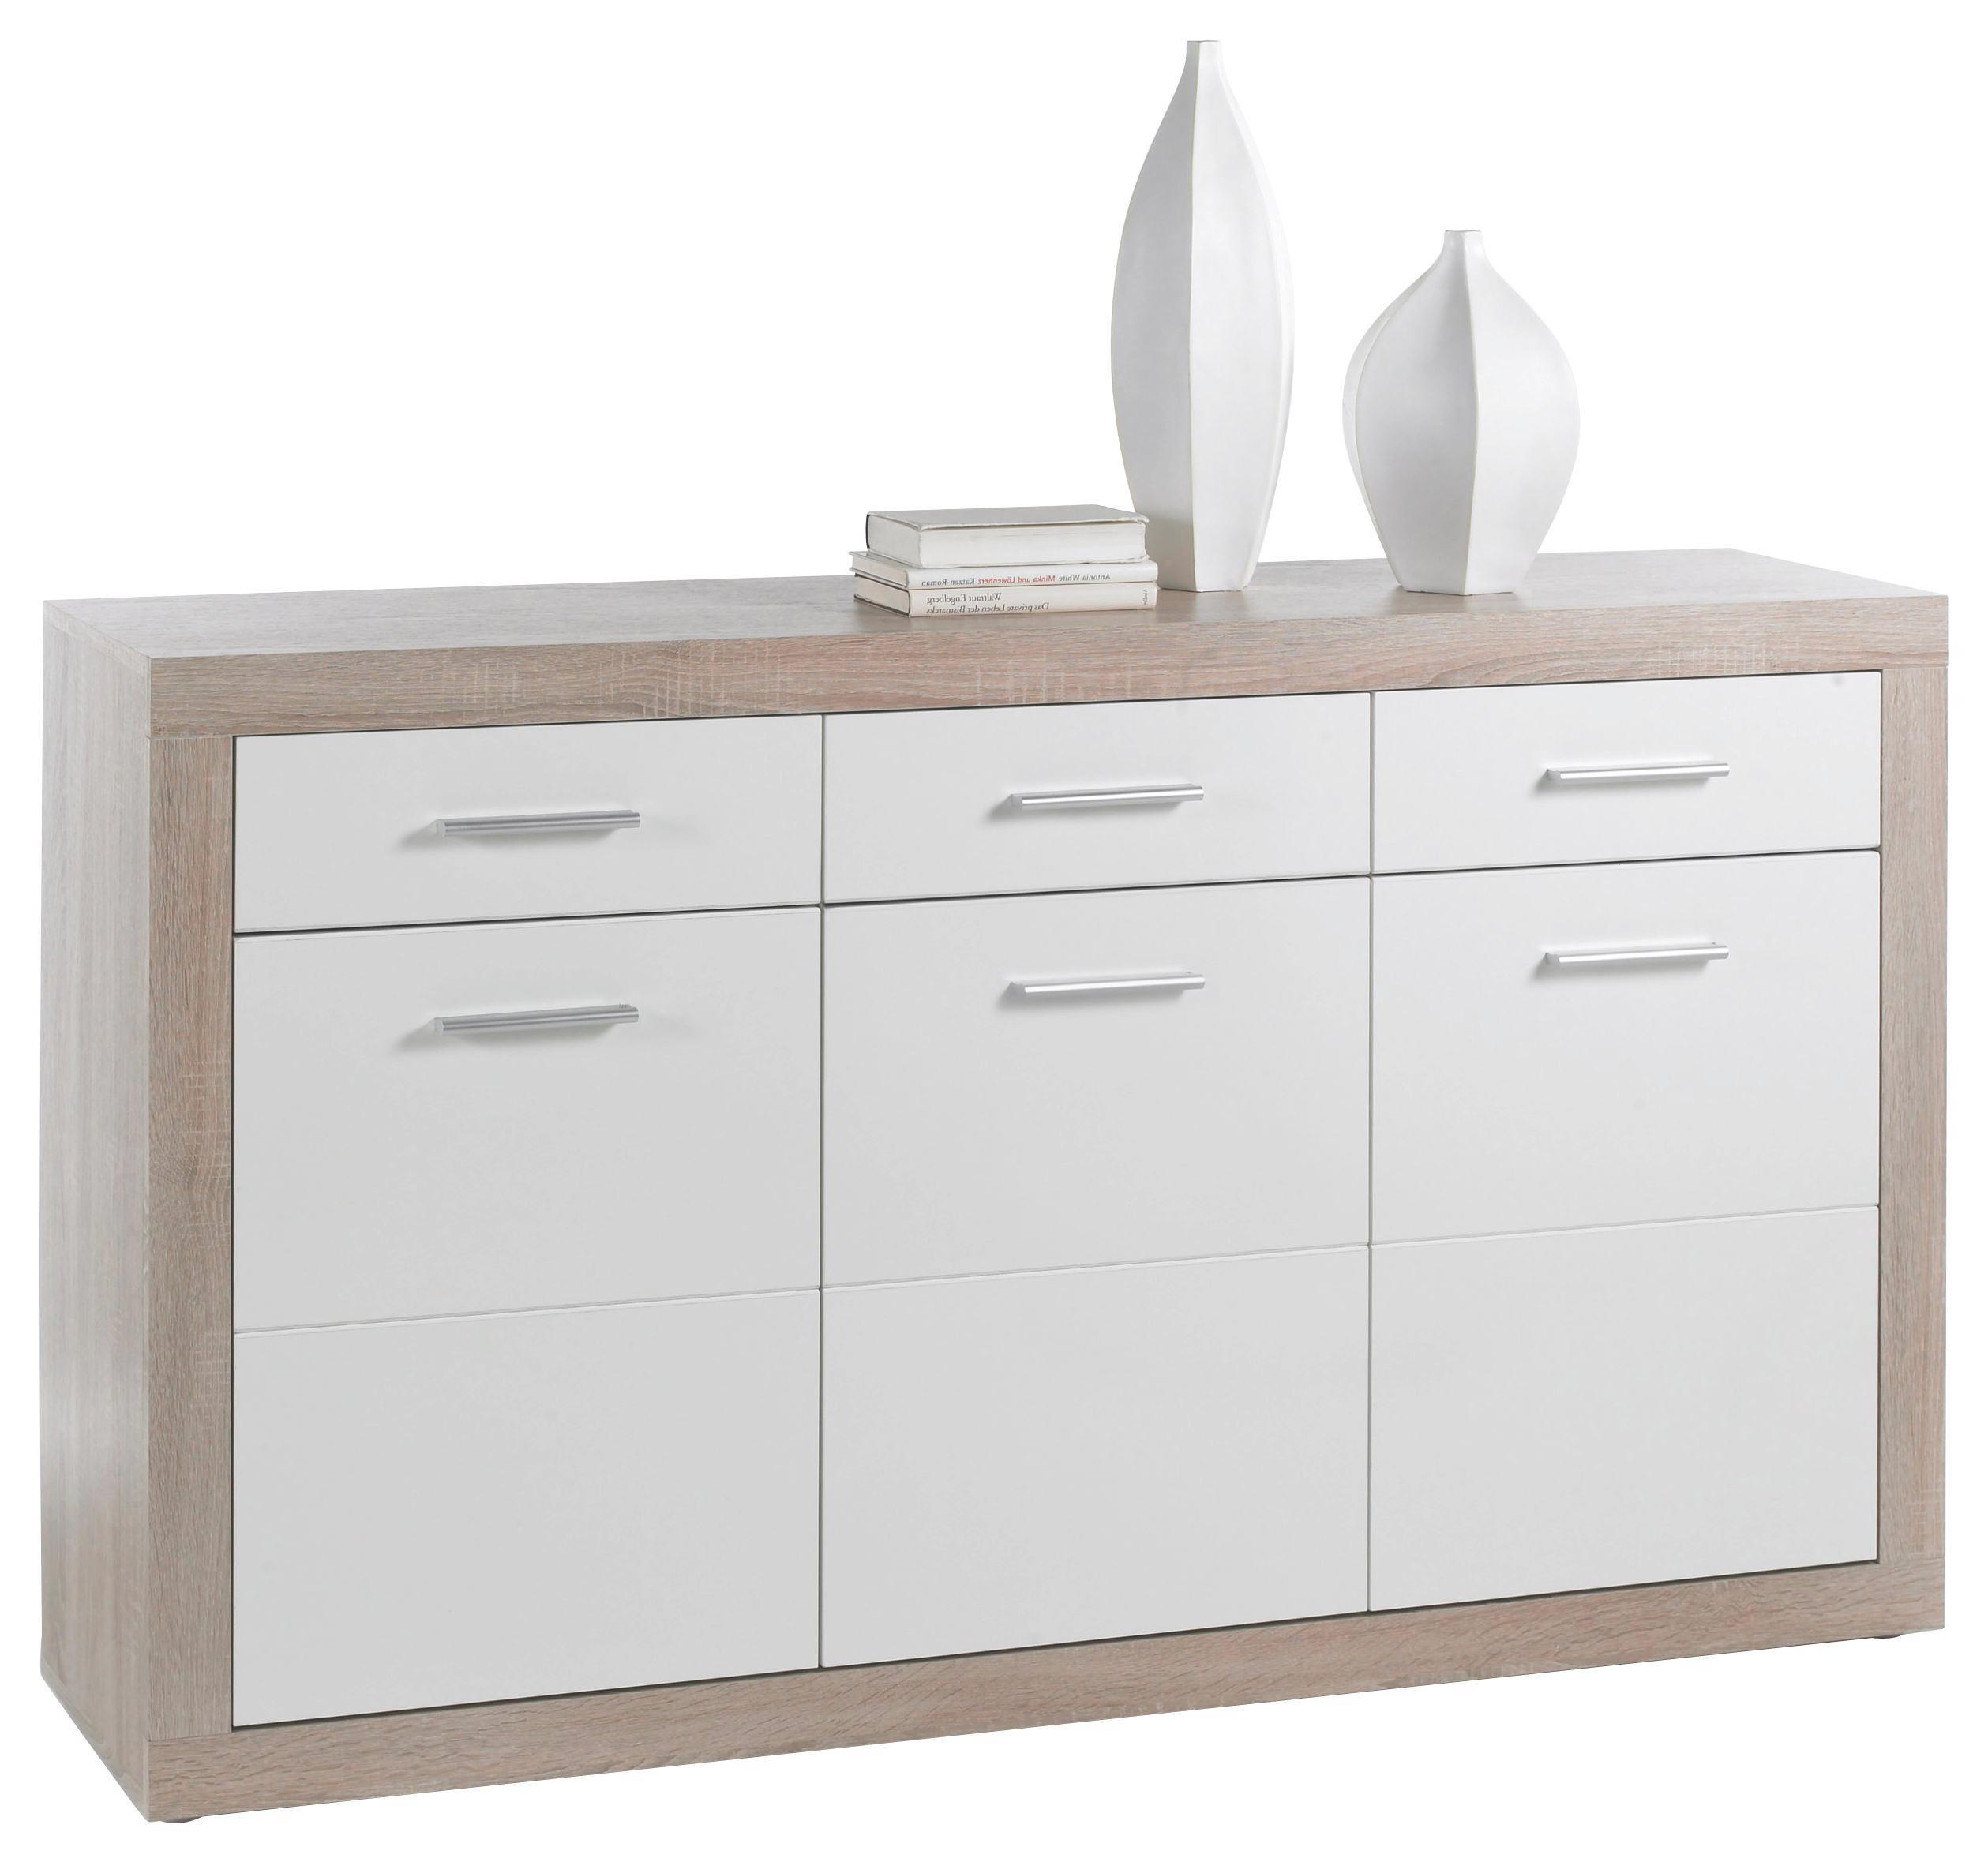 Faszinierend Sideboard Beleuchtet Das Beste Von Beautiful Elegant Finest Sonoma Eiche Wei Design